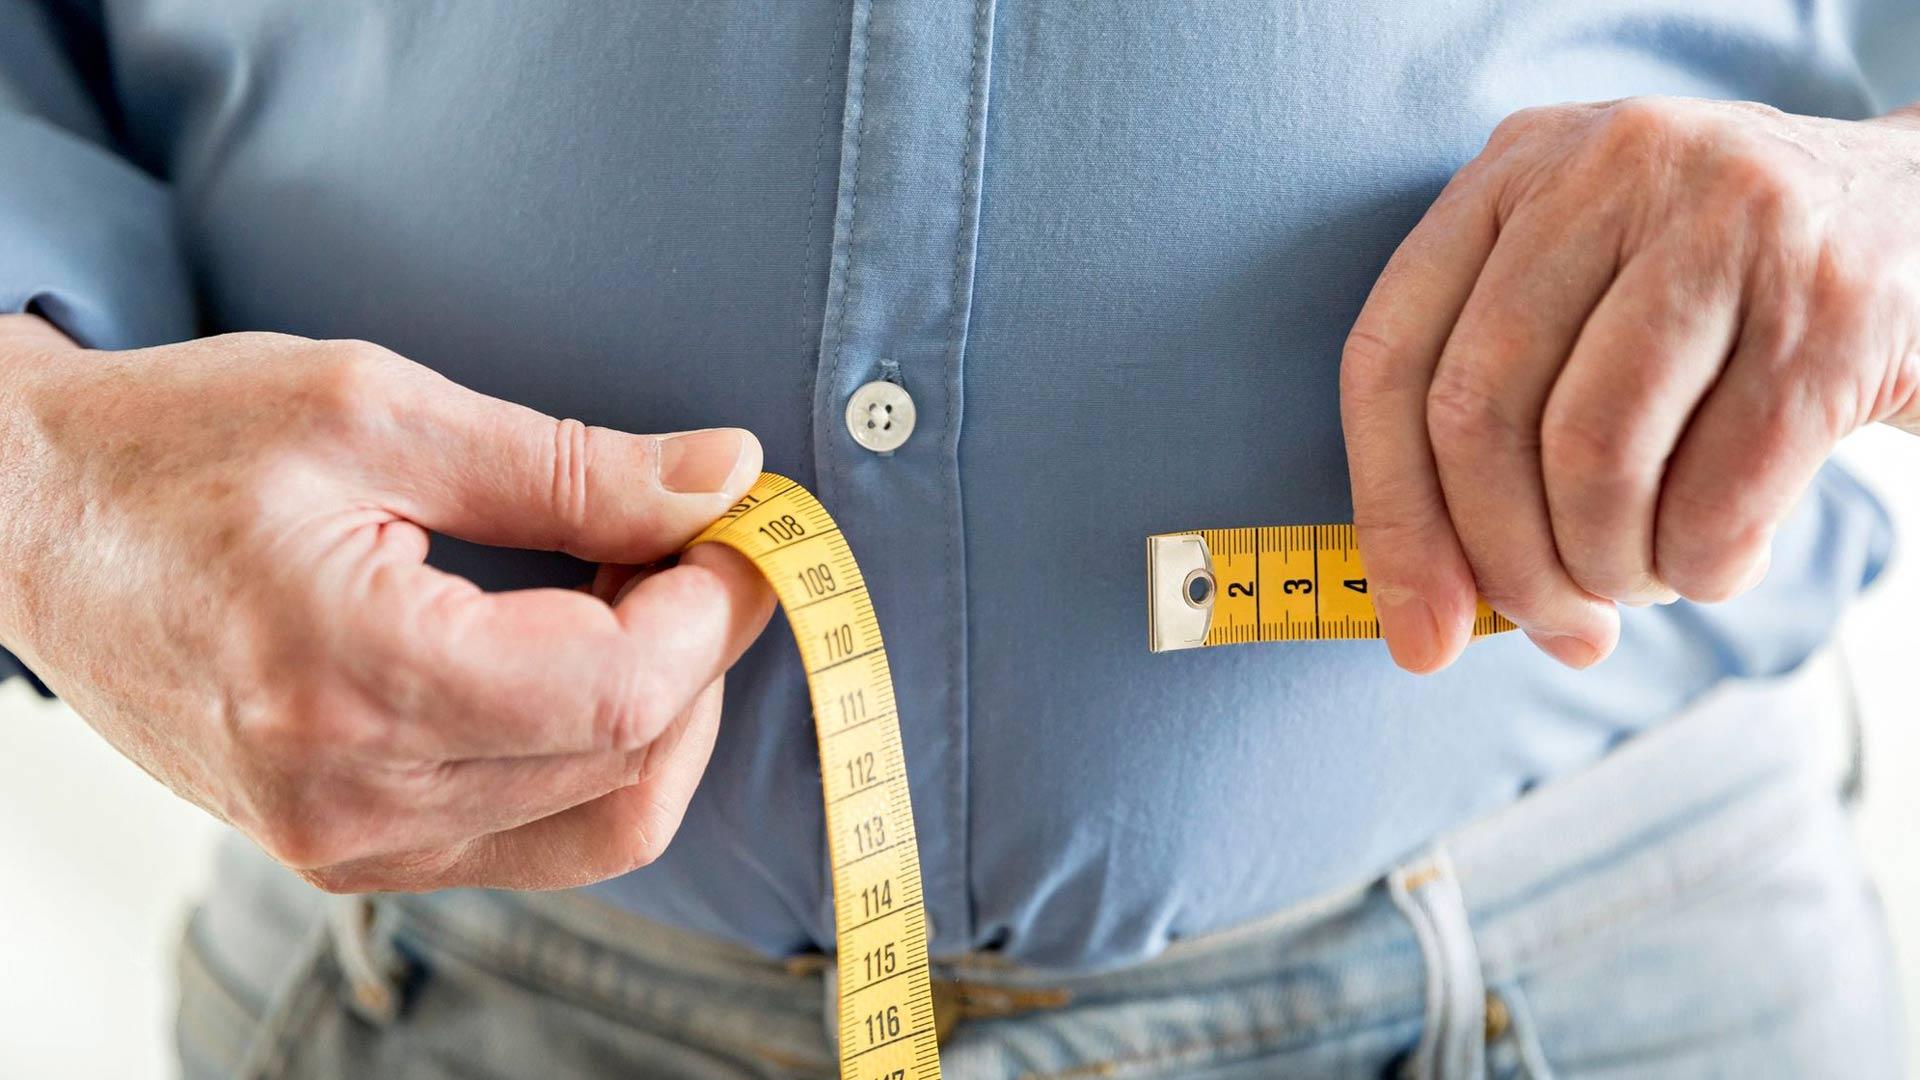 Jos painon saa normalisoitua pysyvästi terveellisillä elintavoilla, verenpainelääkityskin saattaa käydä tarpeettomaksi.